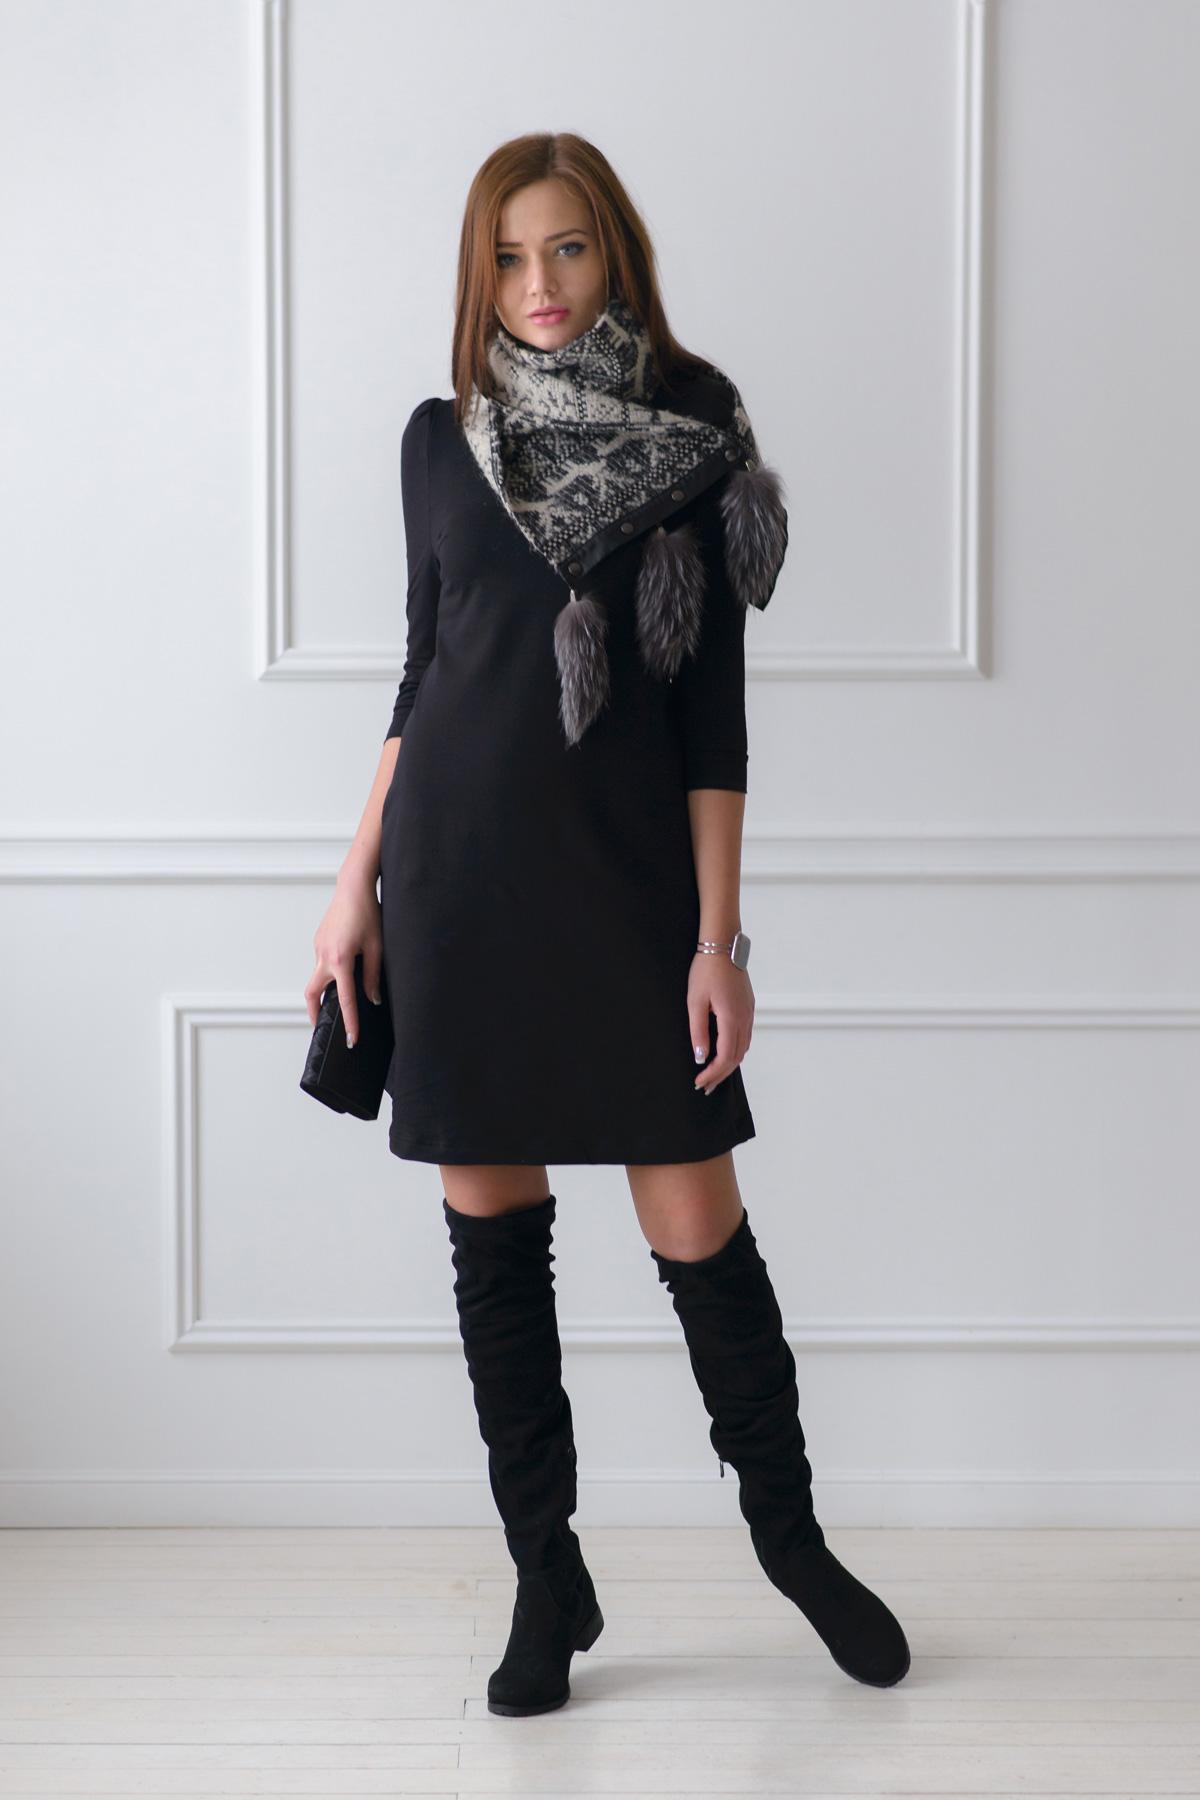 Жен. платье Модное Черный р. 50 30616 new